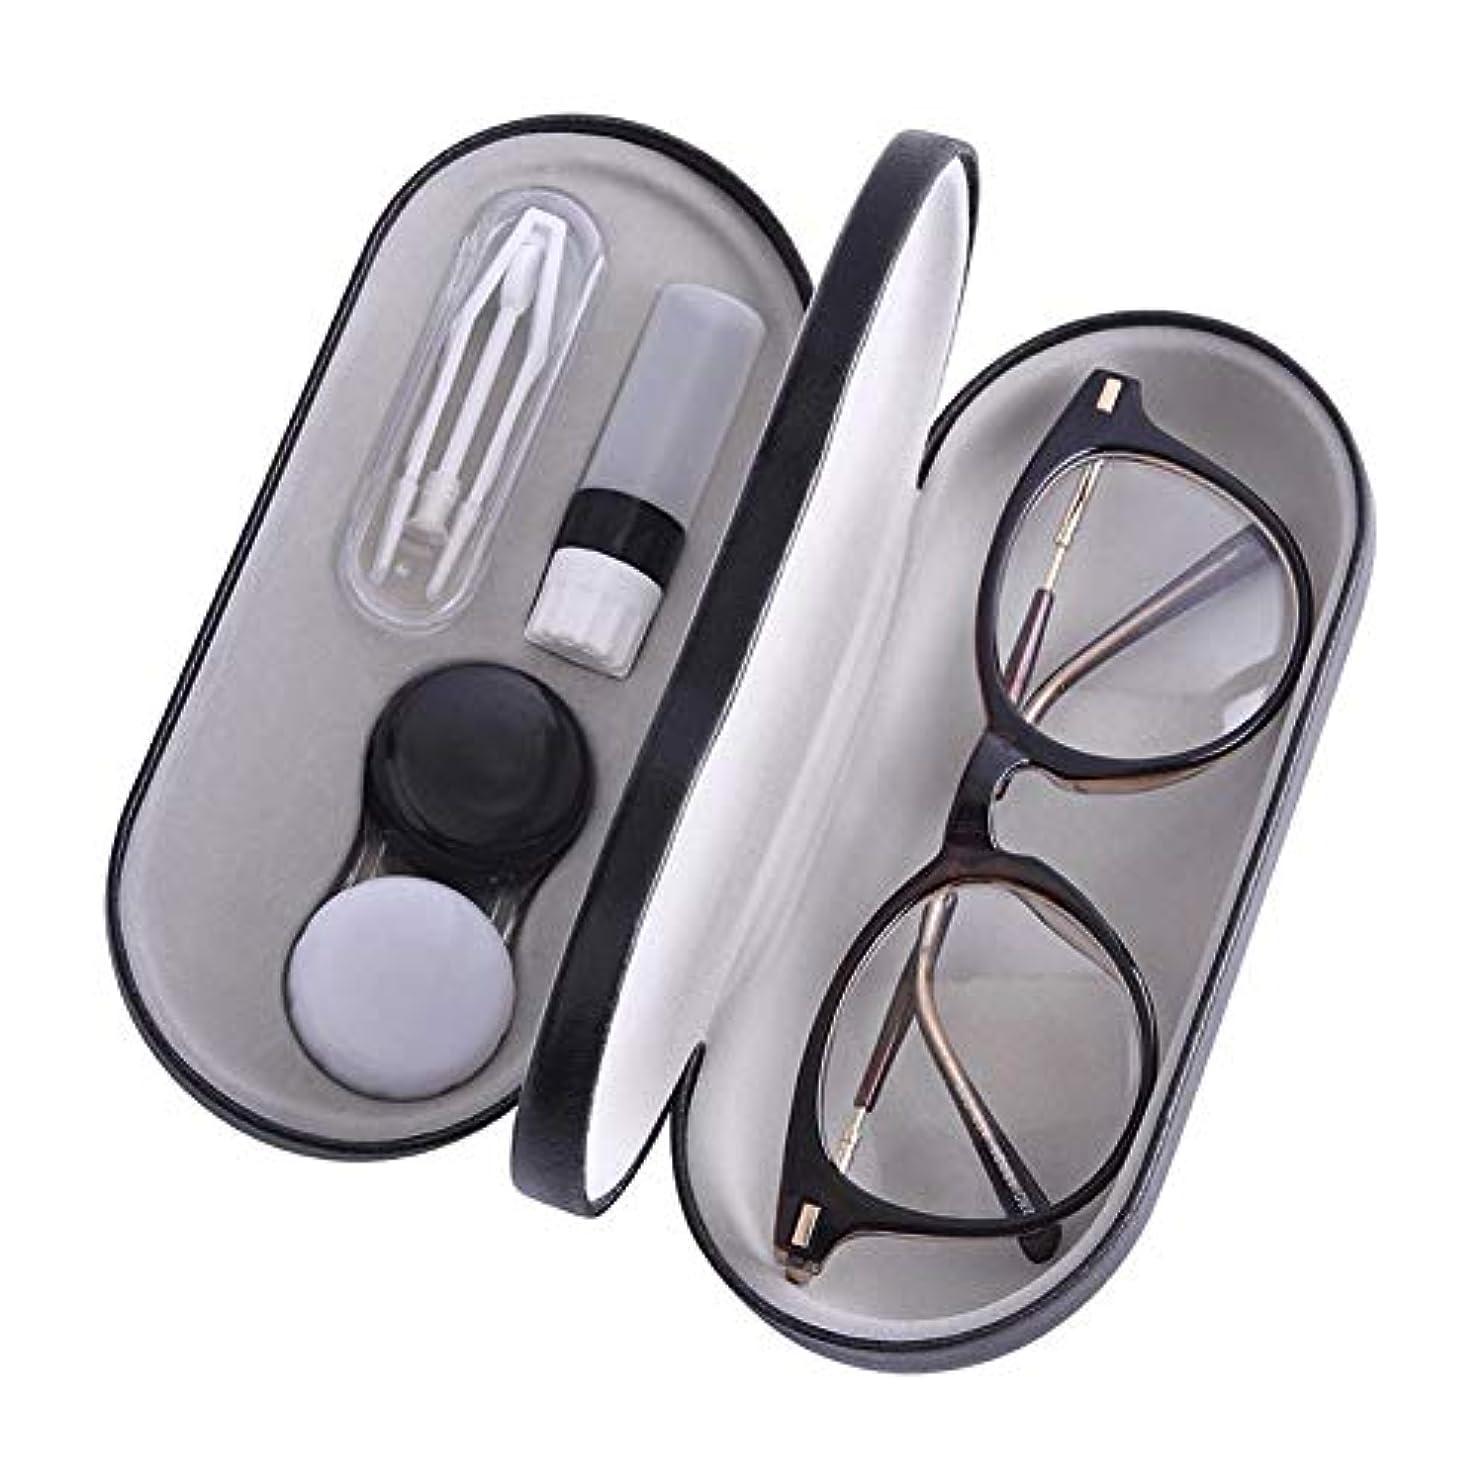 退院映画再集計コンタクトレンズケーストラベルホームイノベーション両面メガネ収納ボックストラベルセットボックス携帯しやすいミニボックスコンテナコンタクトレンズフレーム